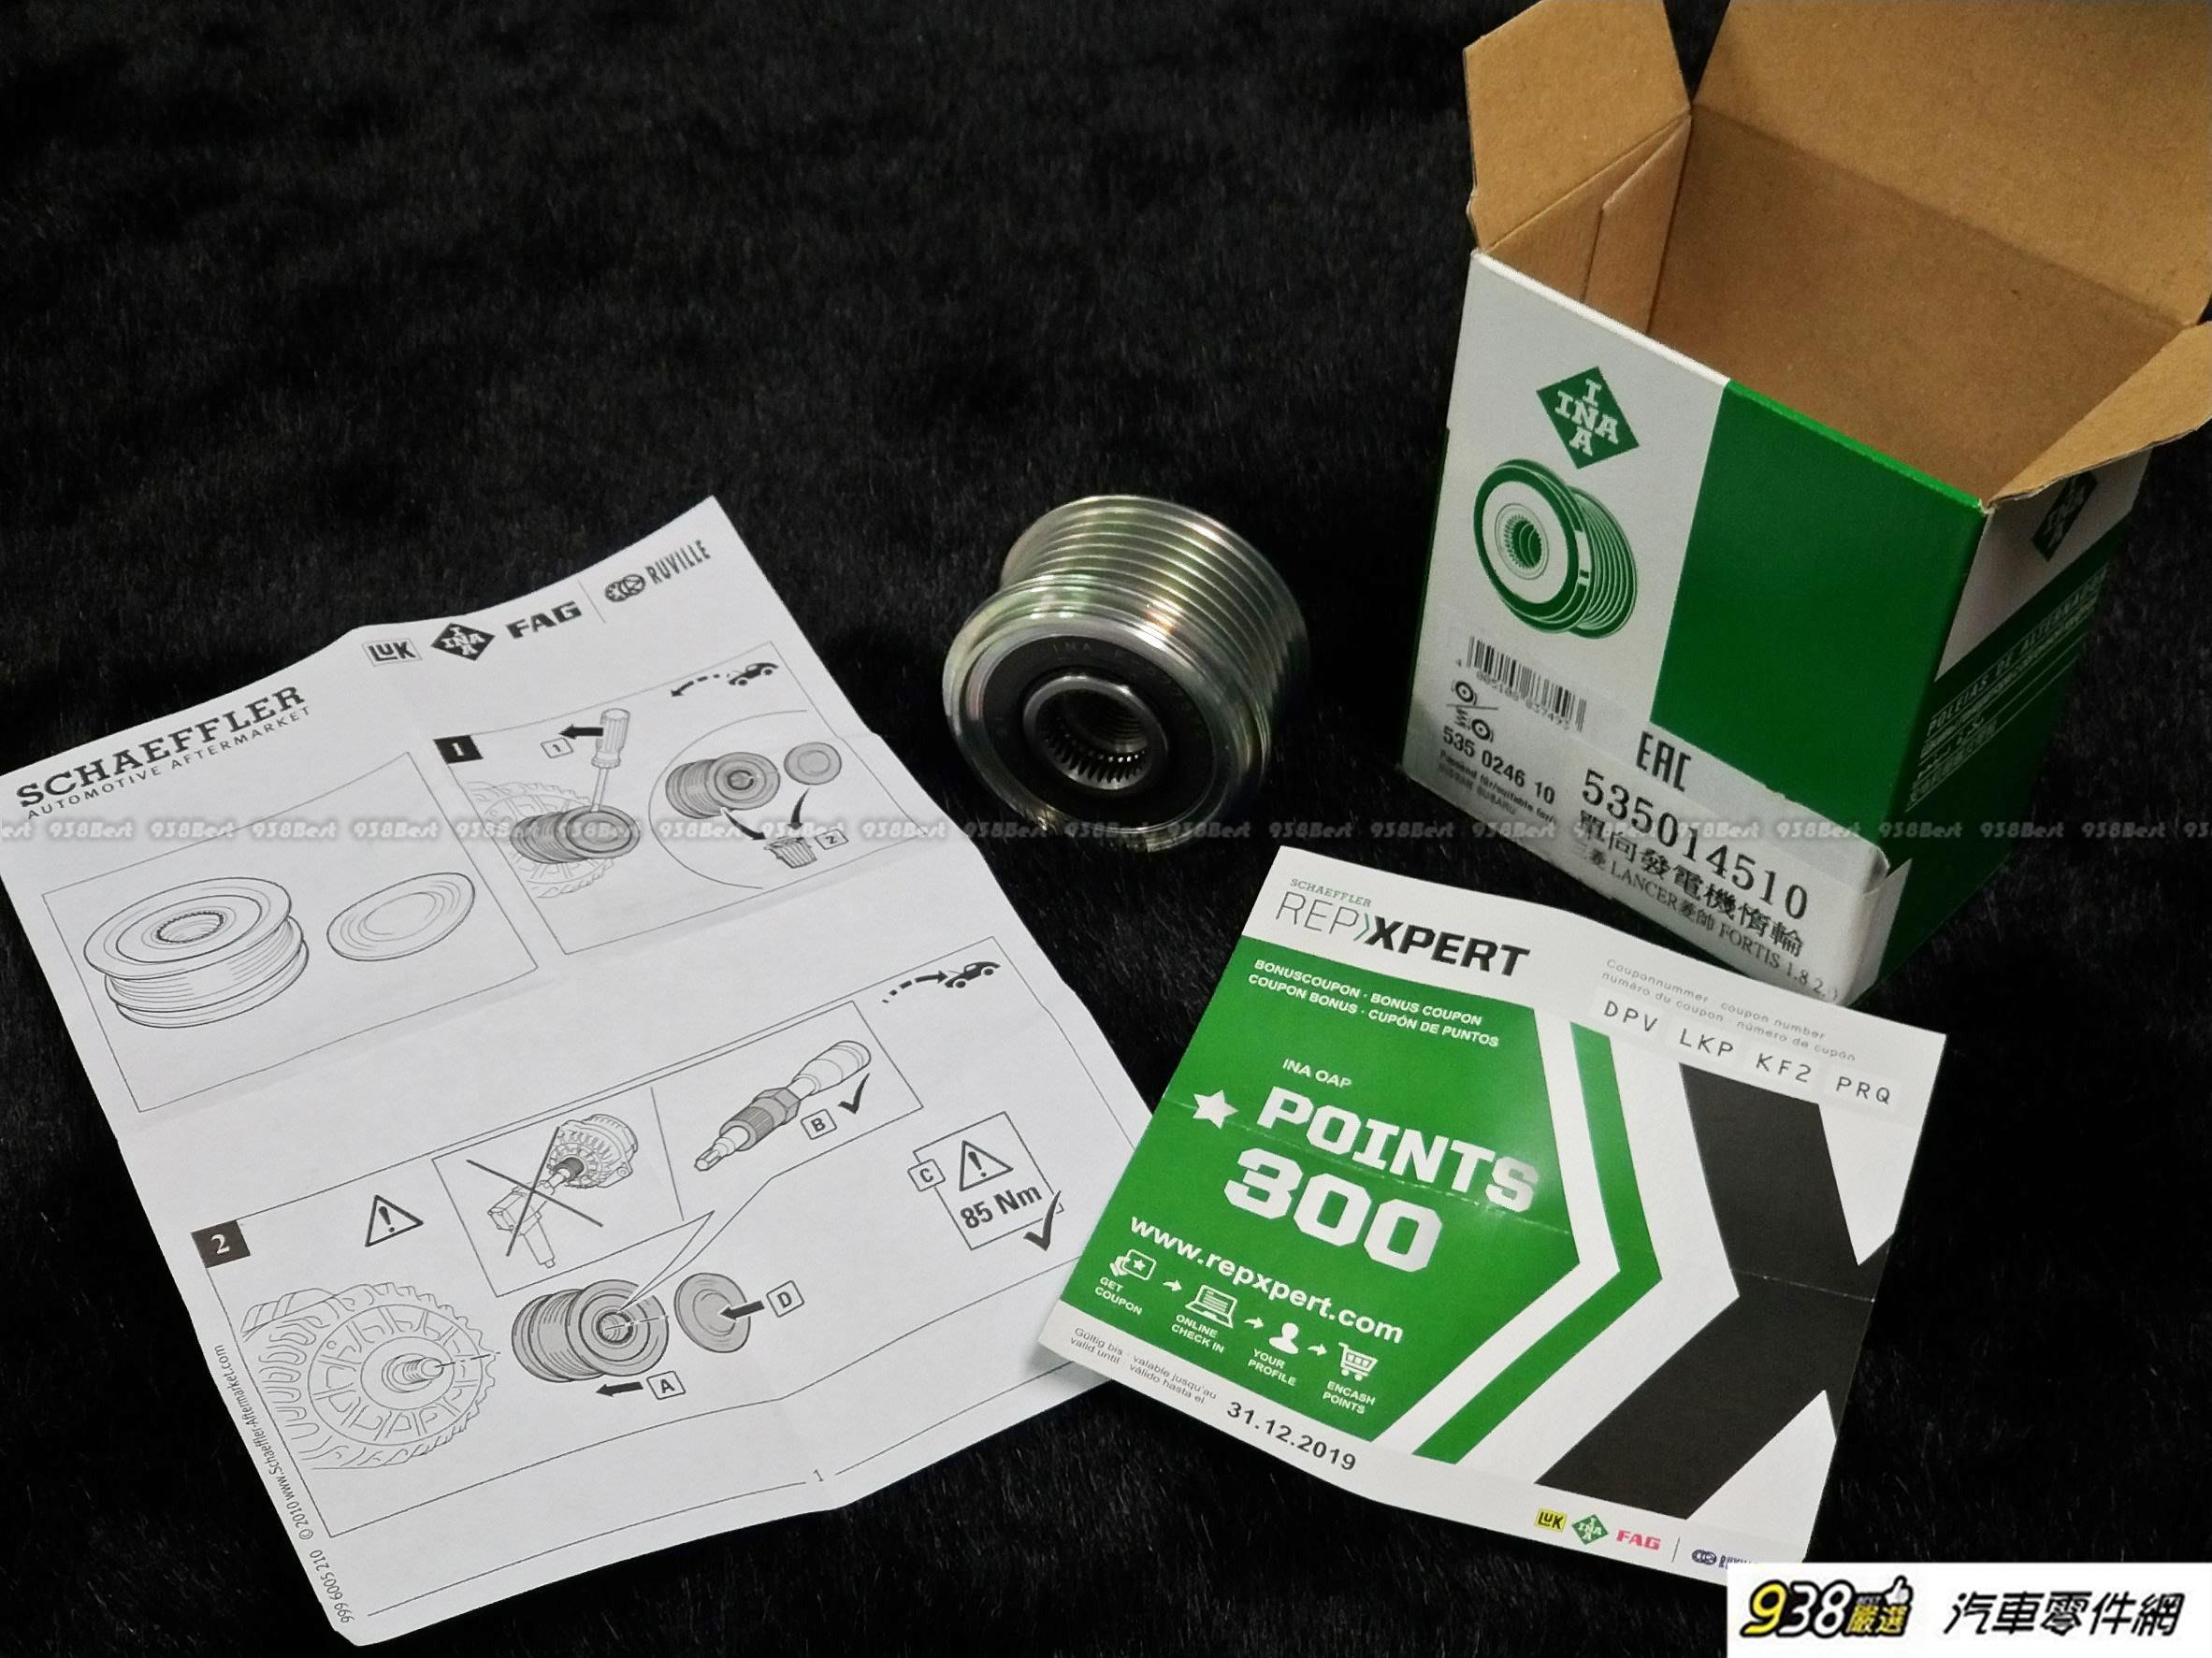 938嚴選 FORTIS OUTLANDER 發電機單向惰輪 INA 發電機單向軸承 發電機 單向惰輪 單向軸承